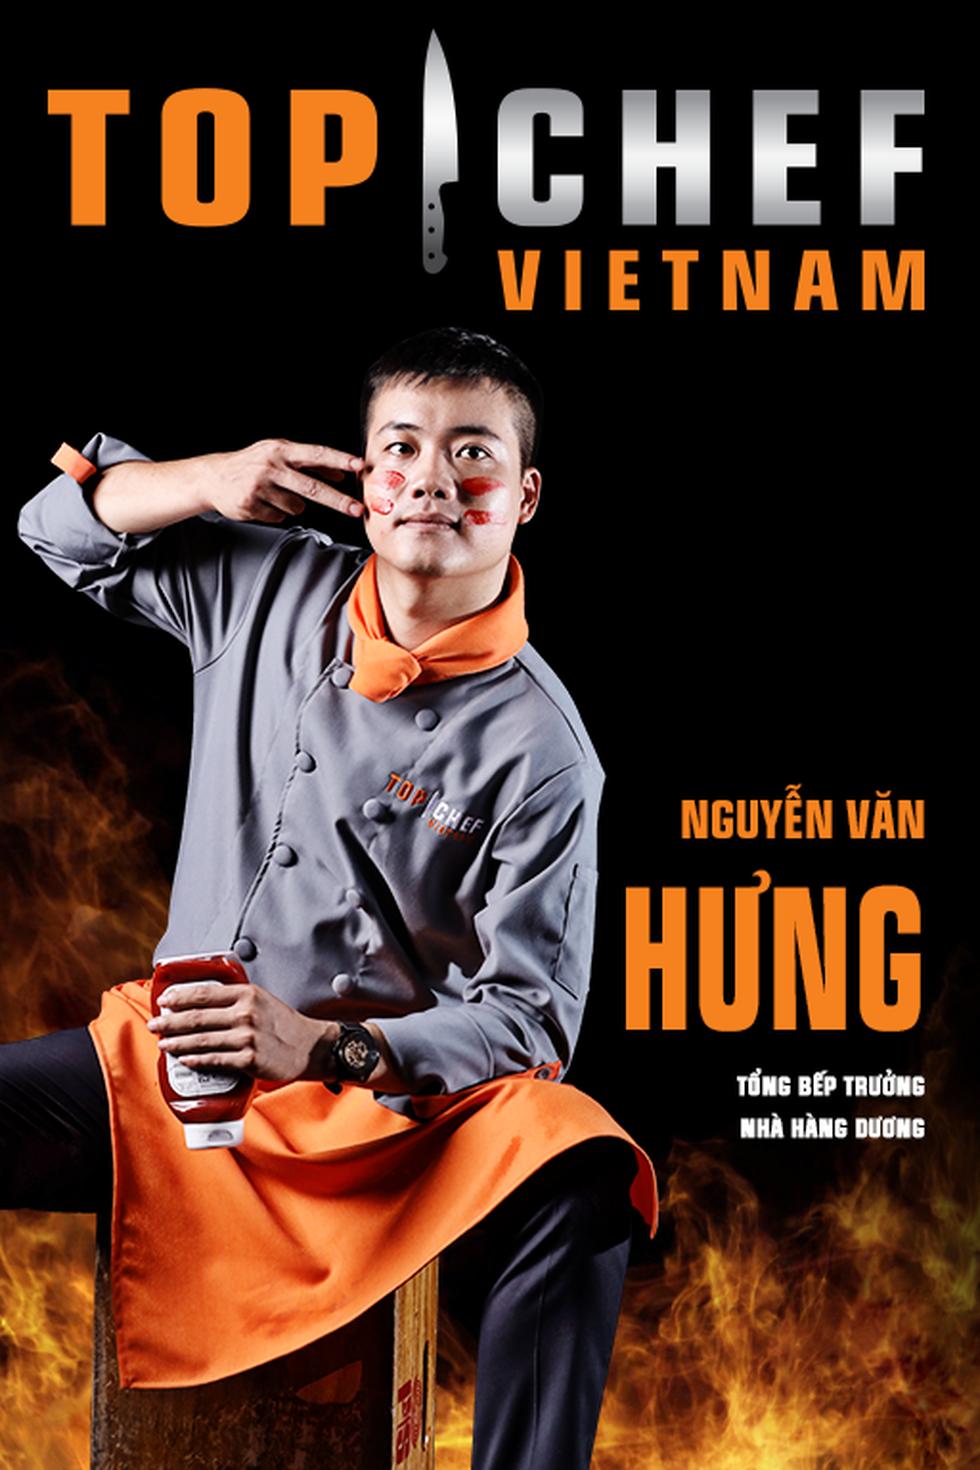 Lộ diện top 14 Đầu bếp thượng đỉnh - Top chef Vietnam 2019 - Ảnh 14.